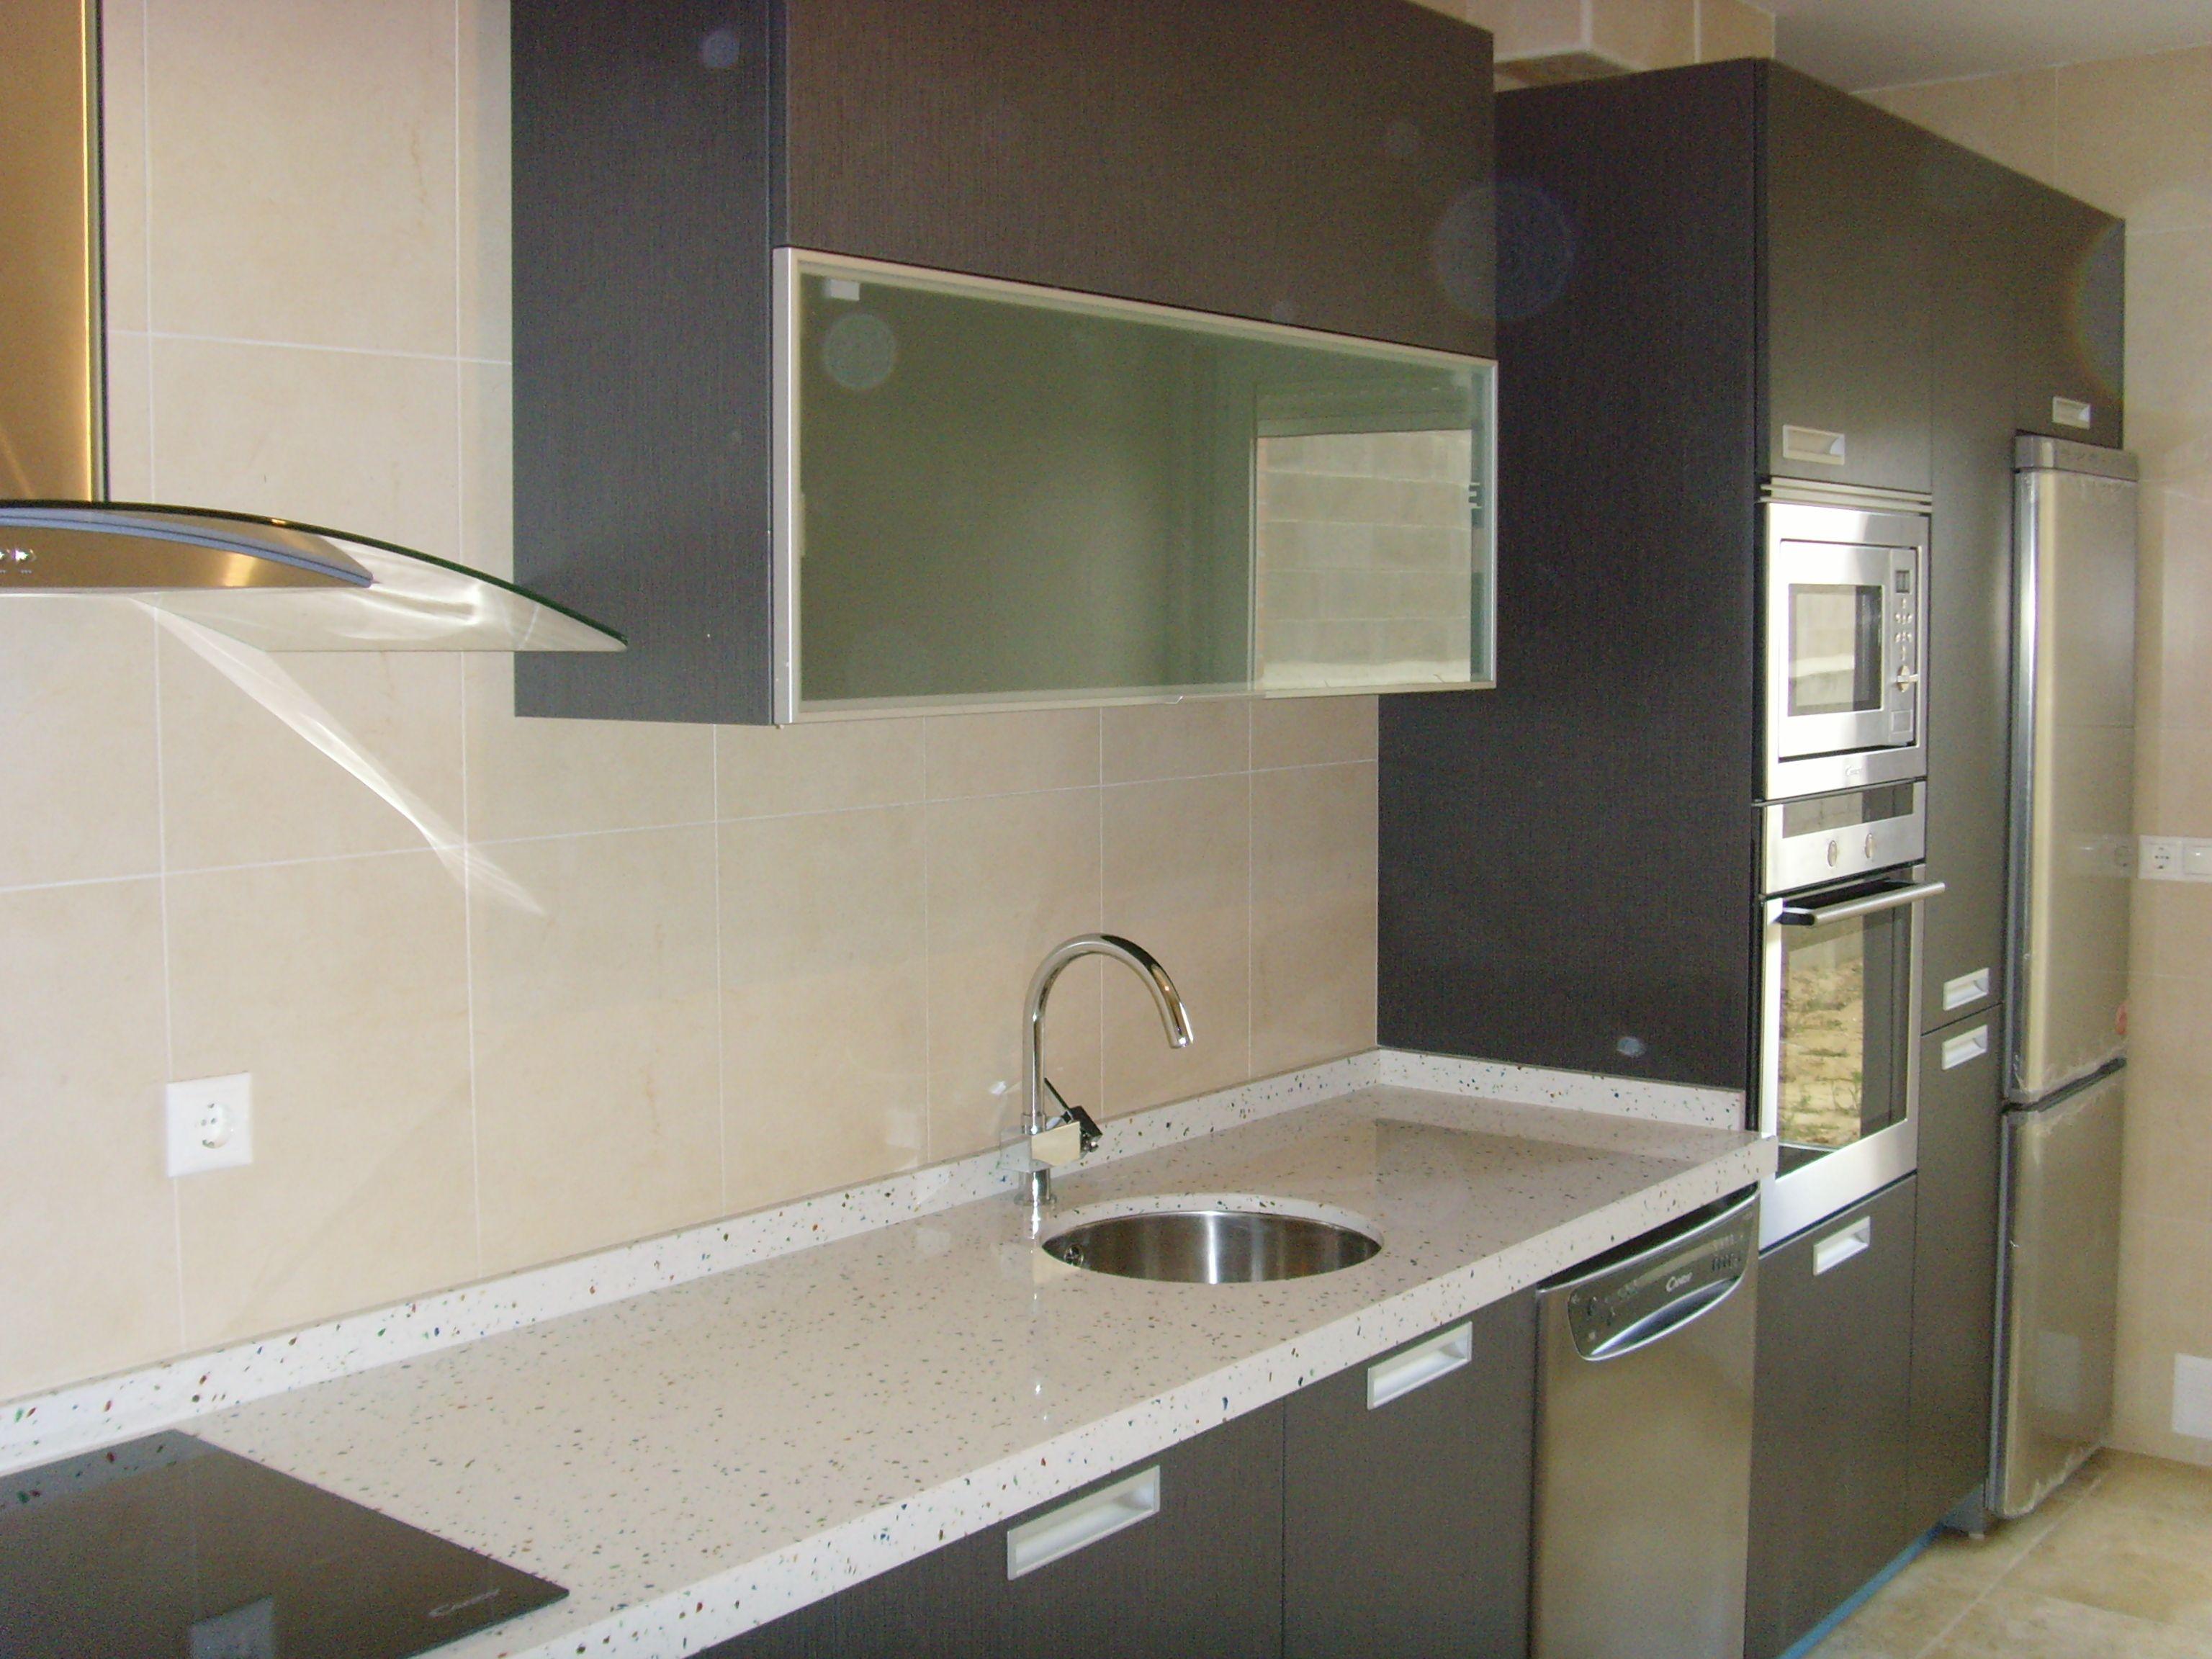 Cocina Ariane 2 Gris Ceniza Encimera Compac Blanco Multicolor Cocina Montada Por Lumber Cocinas Home Decor Kitchen Home